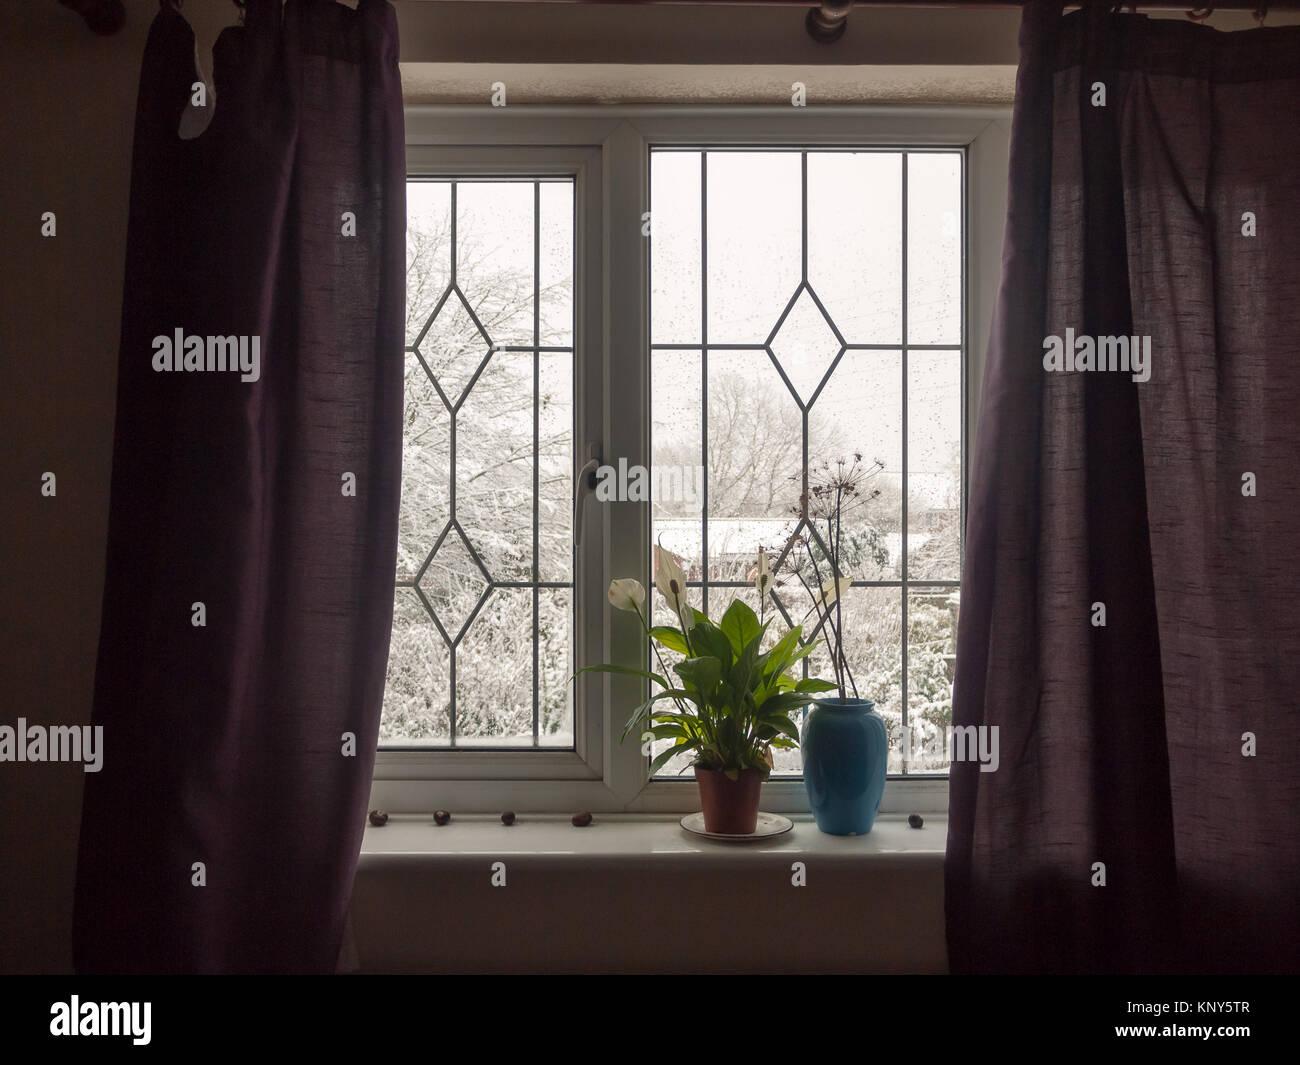 inside curtains window house room windowsill plant blue vase ...